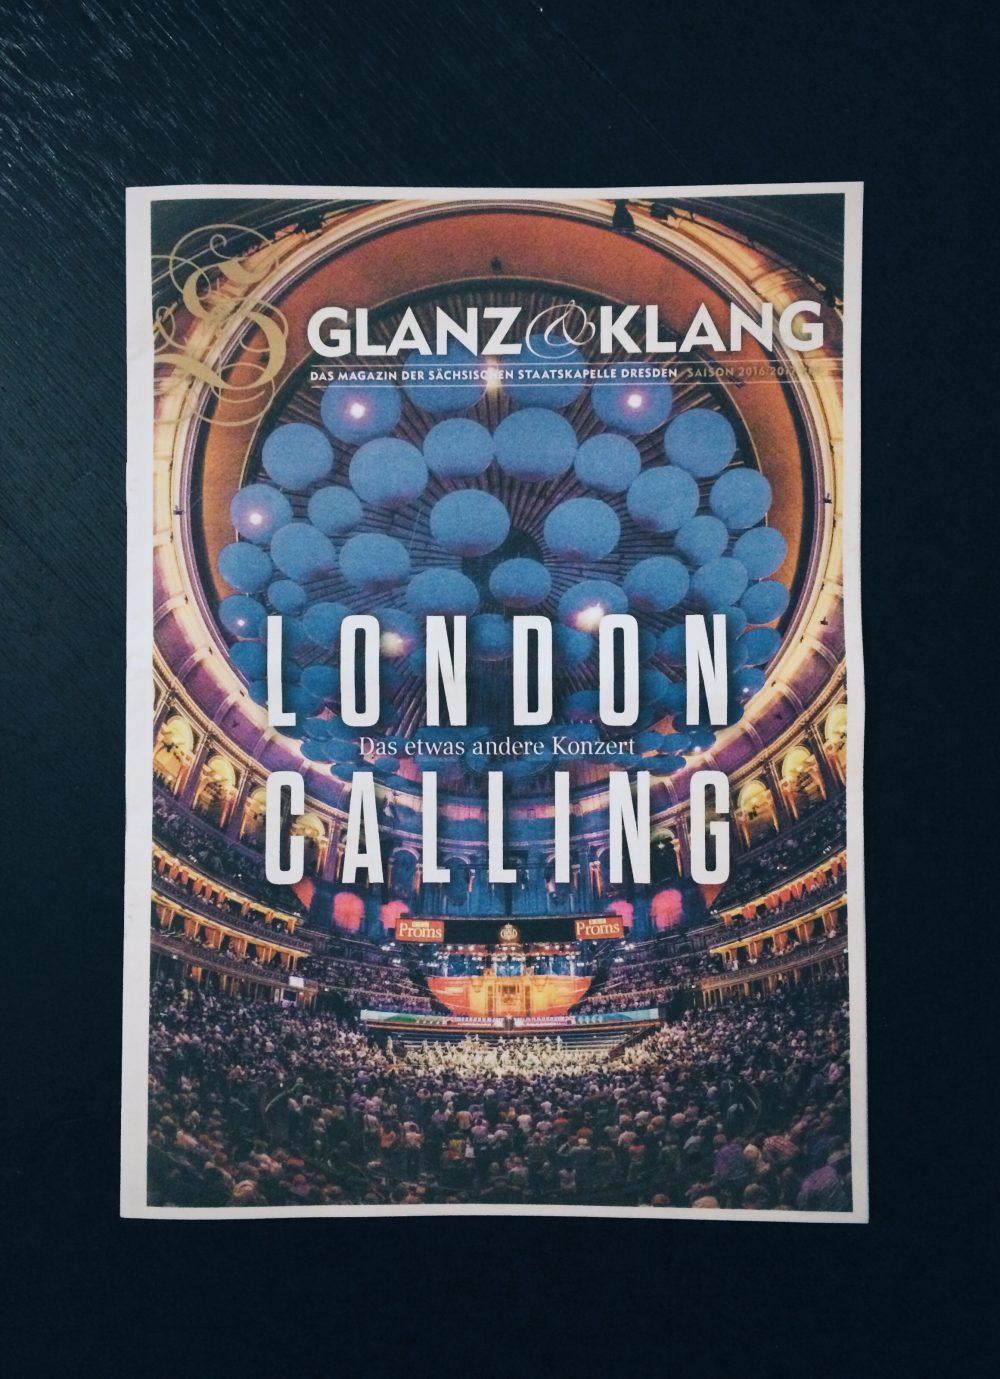 Titelbild mit Innenansicht der Royal Albert Hall in London im Magazin der Sächsischen Staatskapelle / Saison 2016/17.